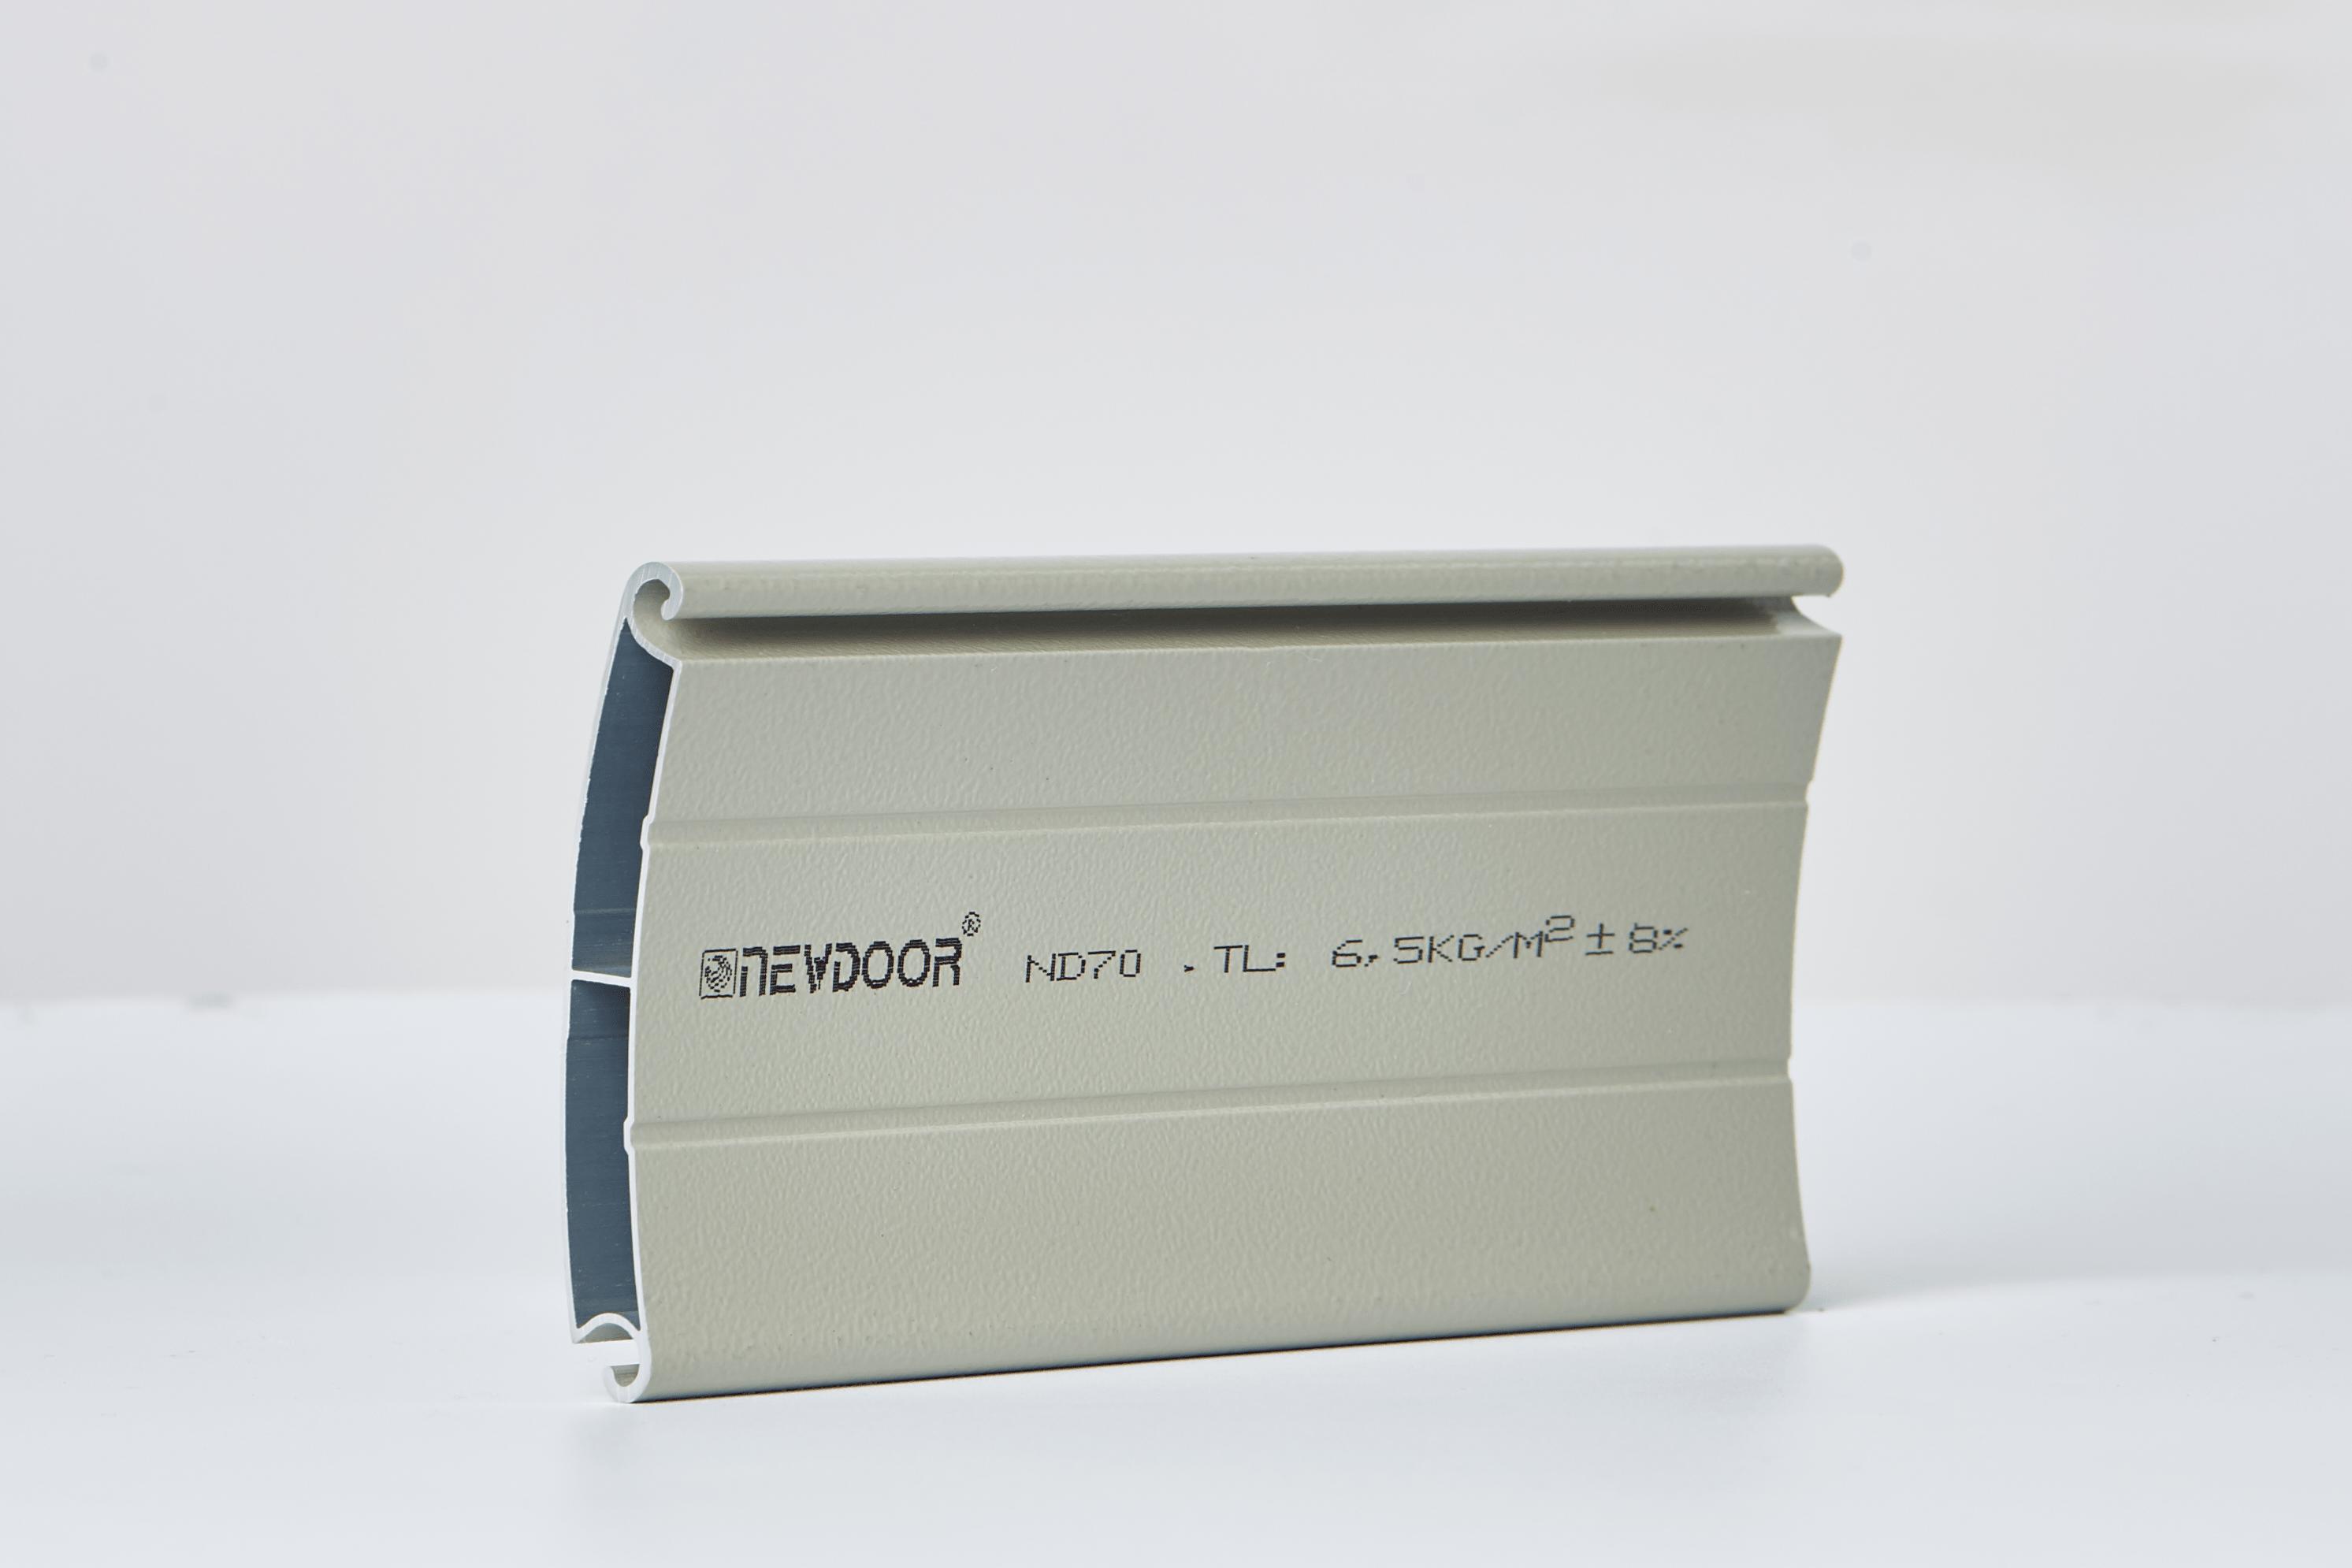 Newdoor ND 70